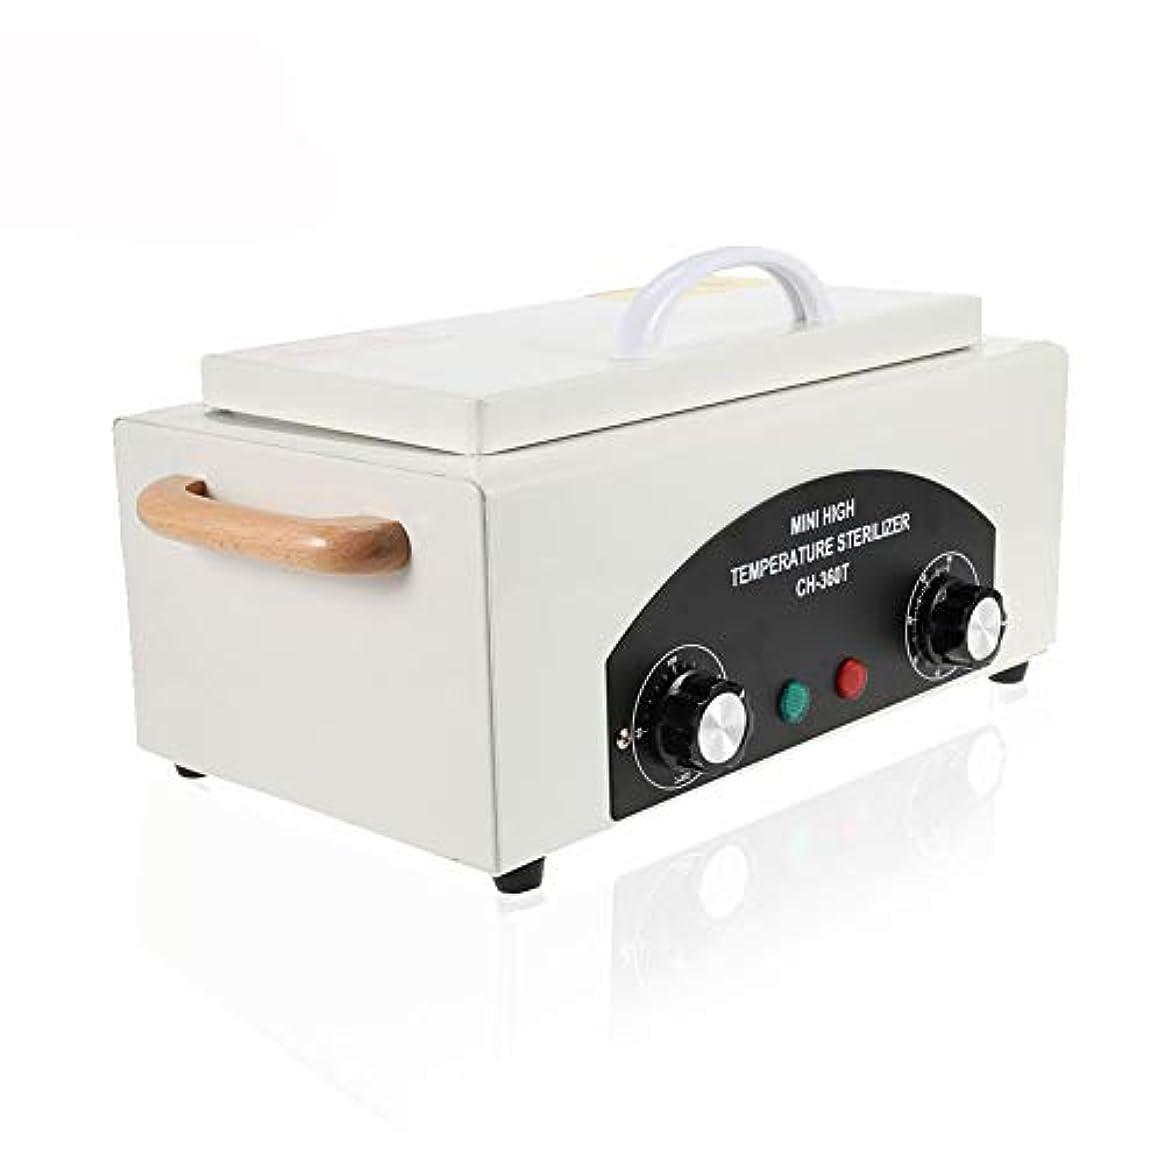 デコレーションジーンズピーク300ワットドライヒート高温UV殺菌ボックスネイルアートツール殺菌ボックス熱気消毒キャビネットネイルアクセサリー